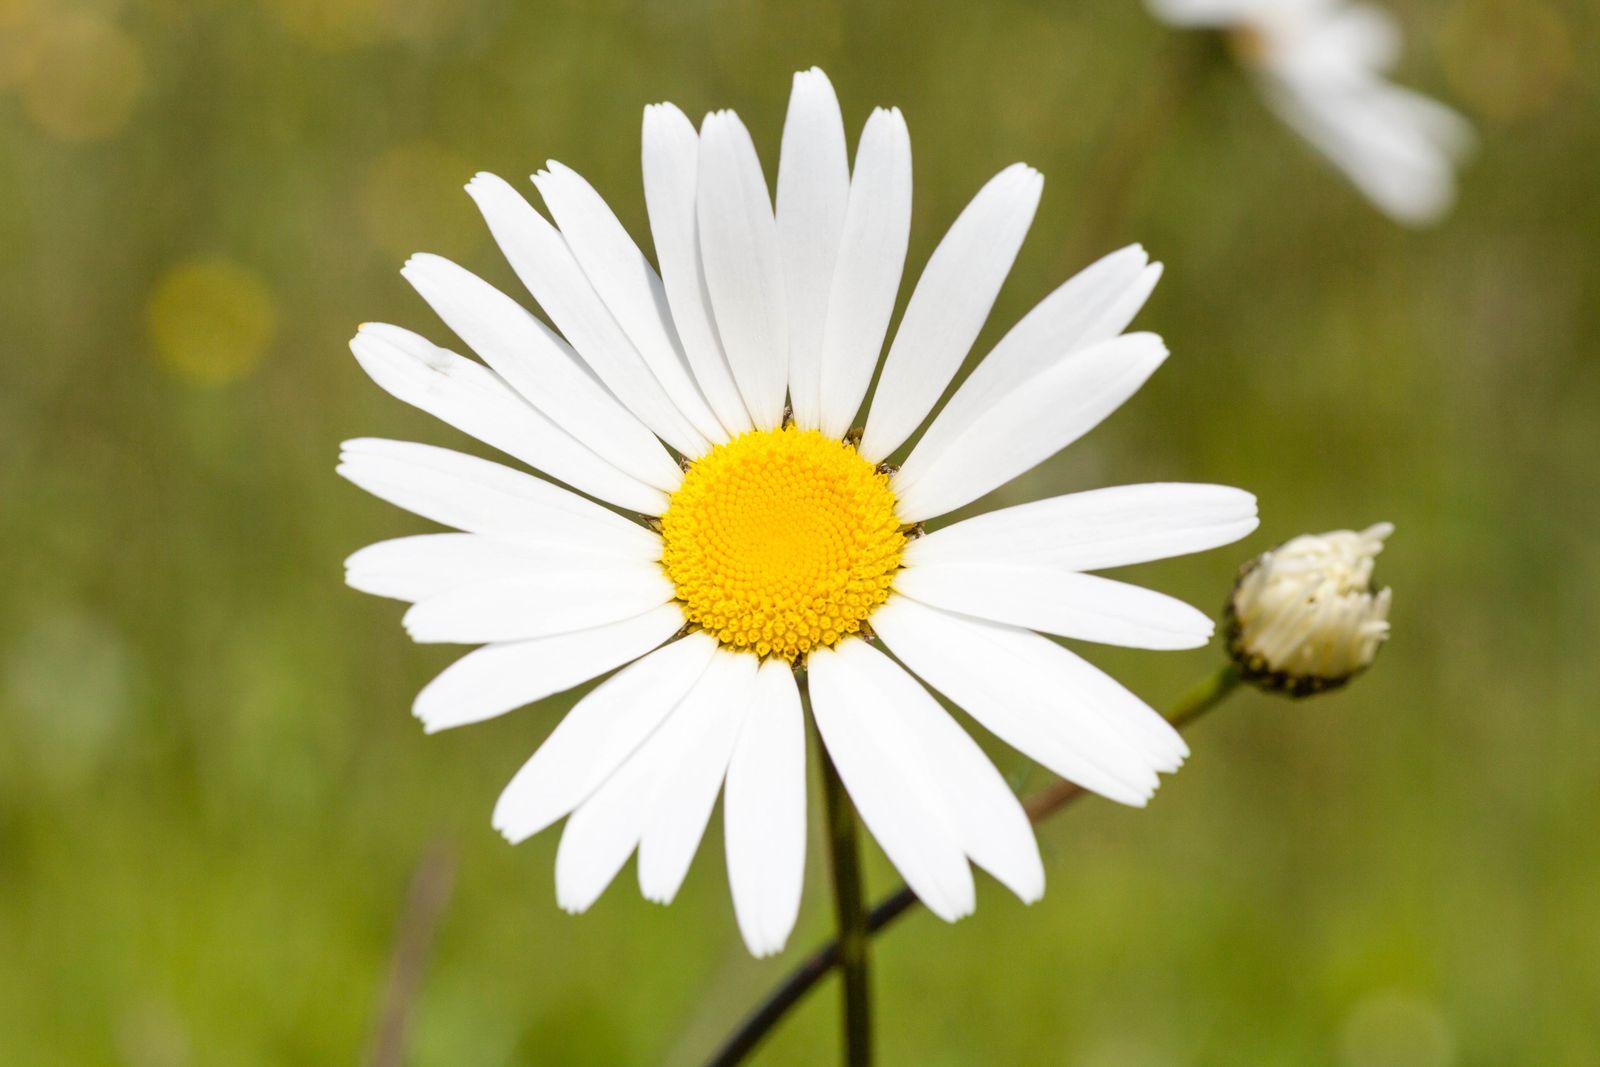 Le printemps au jardin le blog de hbalbumphotos for Fleurs jardin printemps